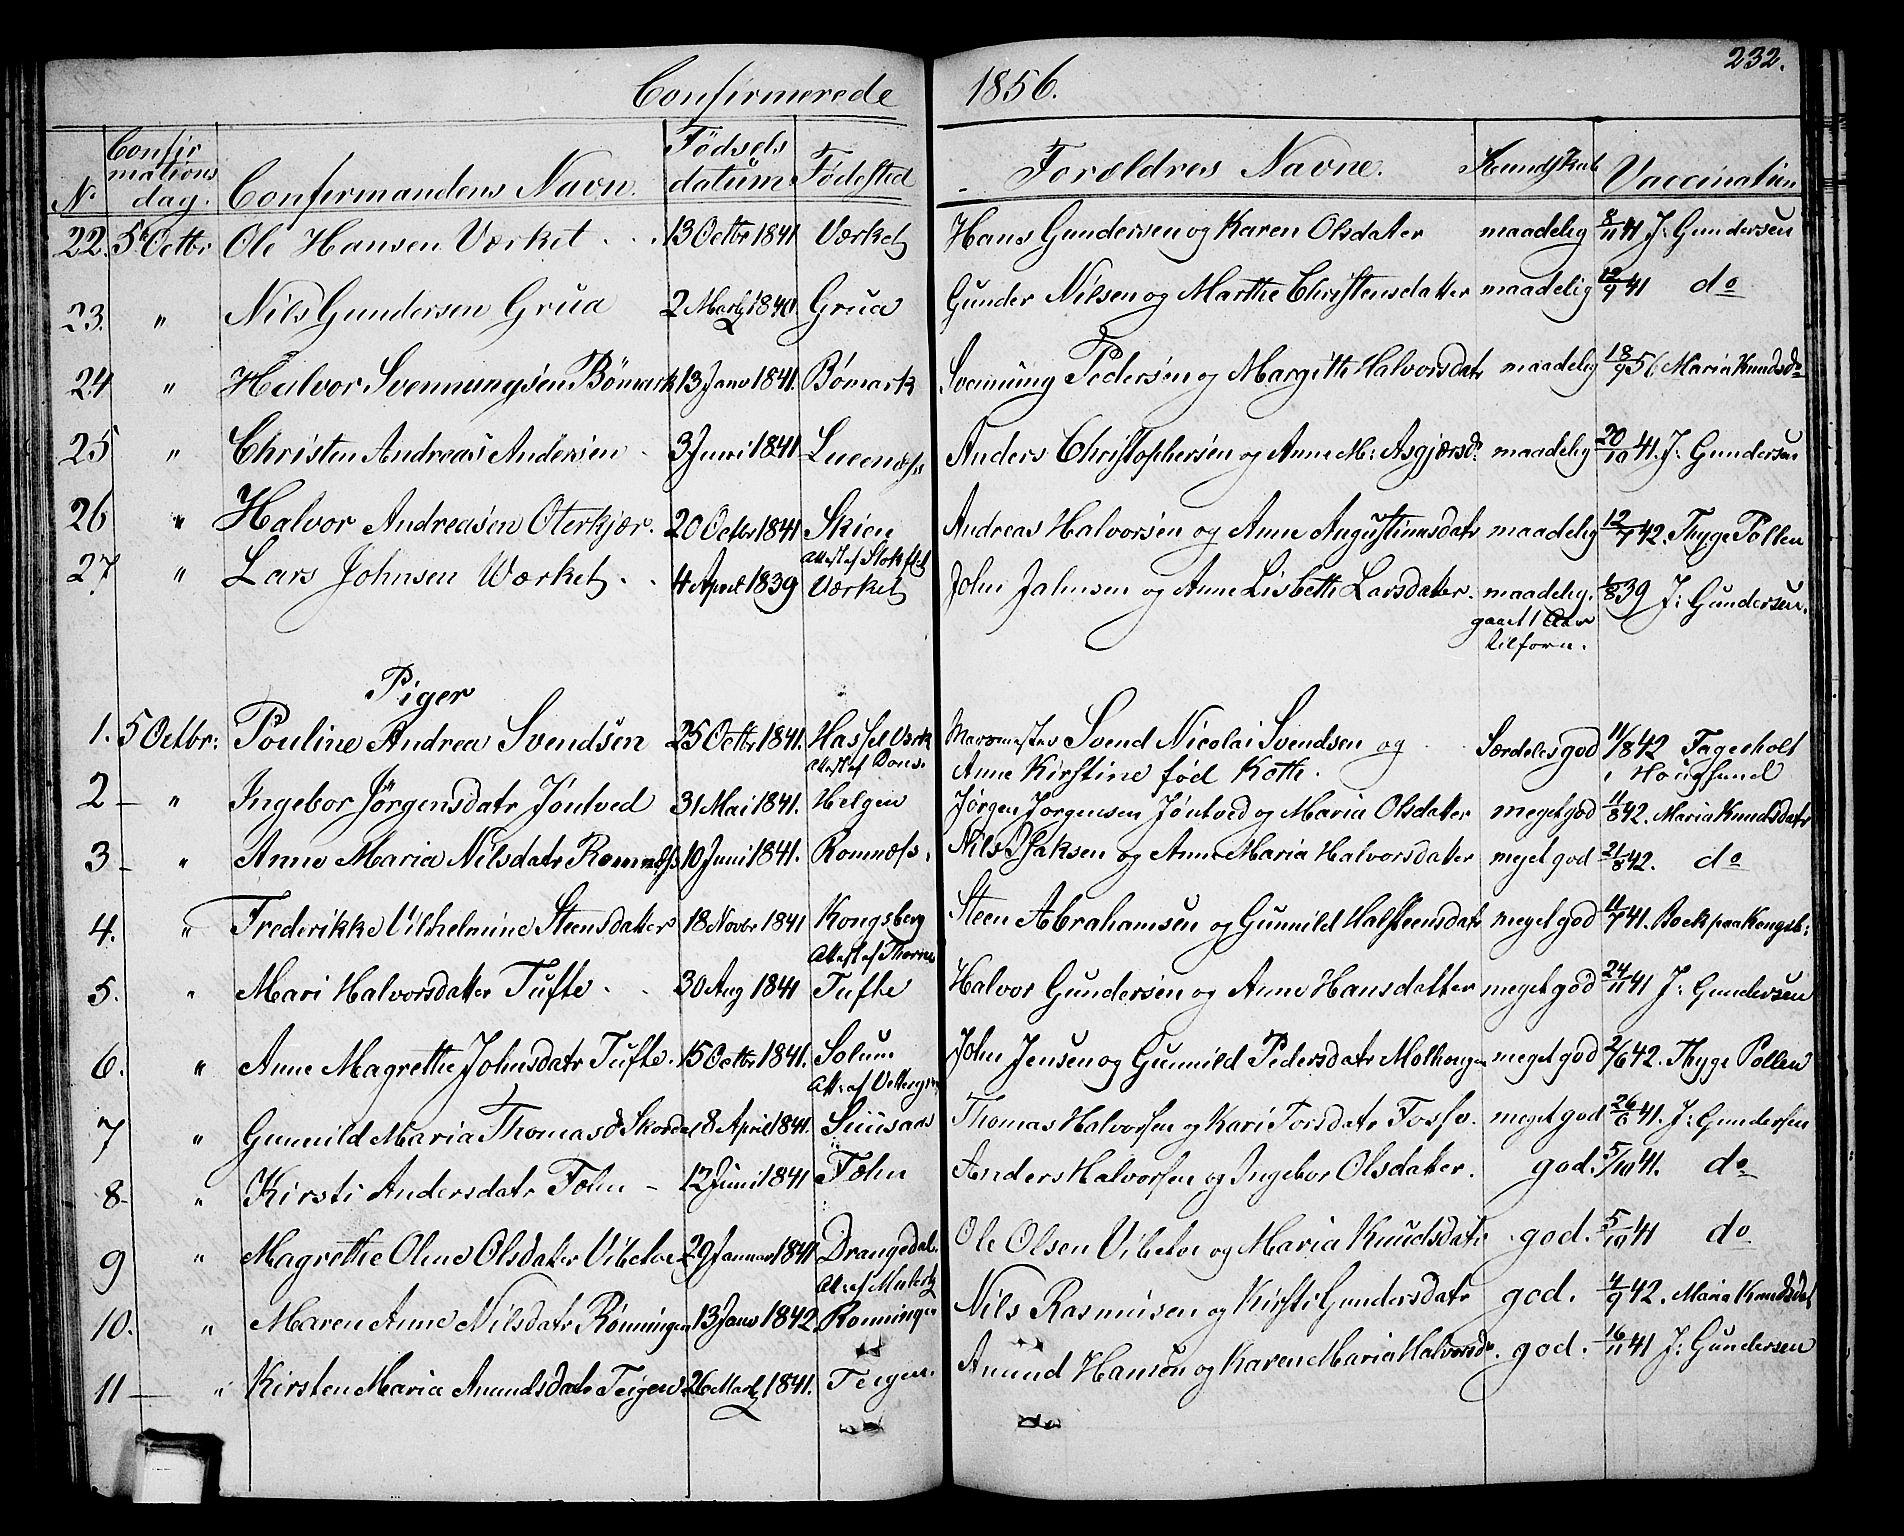 SAKO, Holla kirkebøker, G/Ga/L0003: Klokkerbok nr. I 3, 1849-1866, s. 232